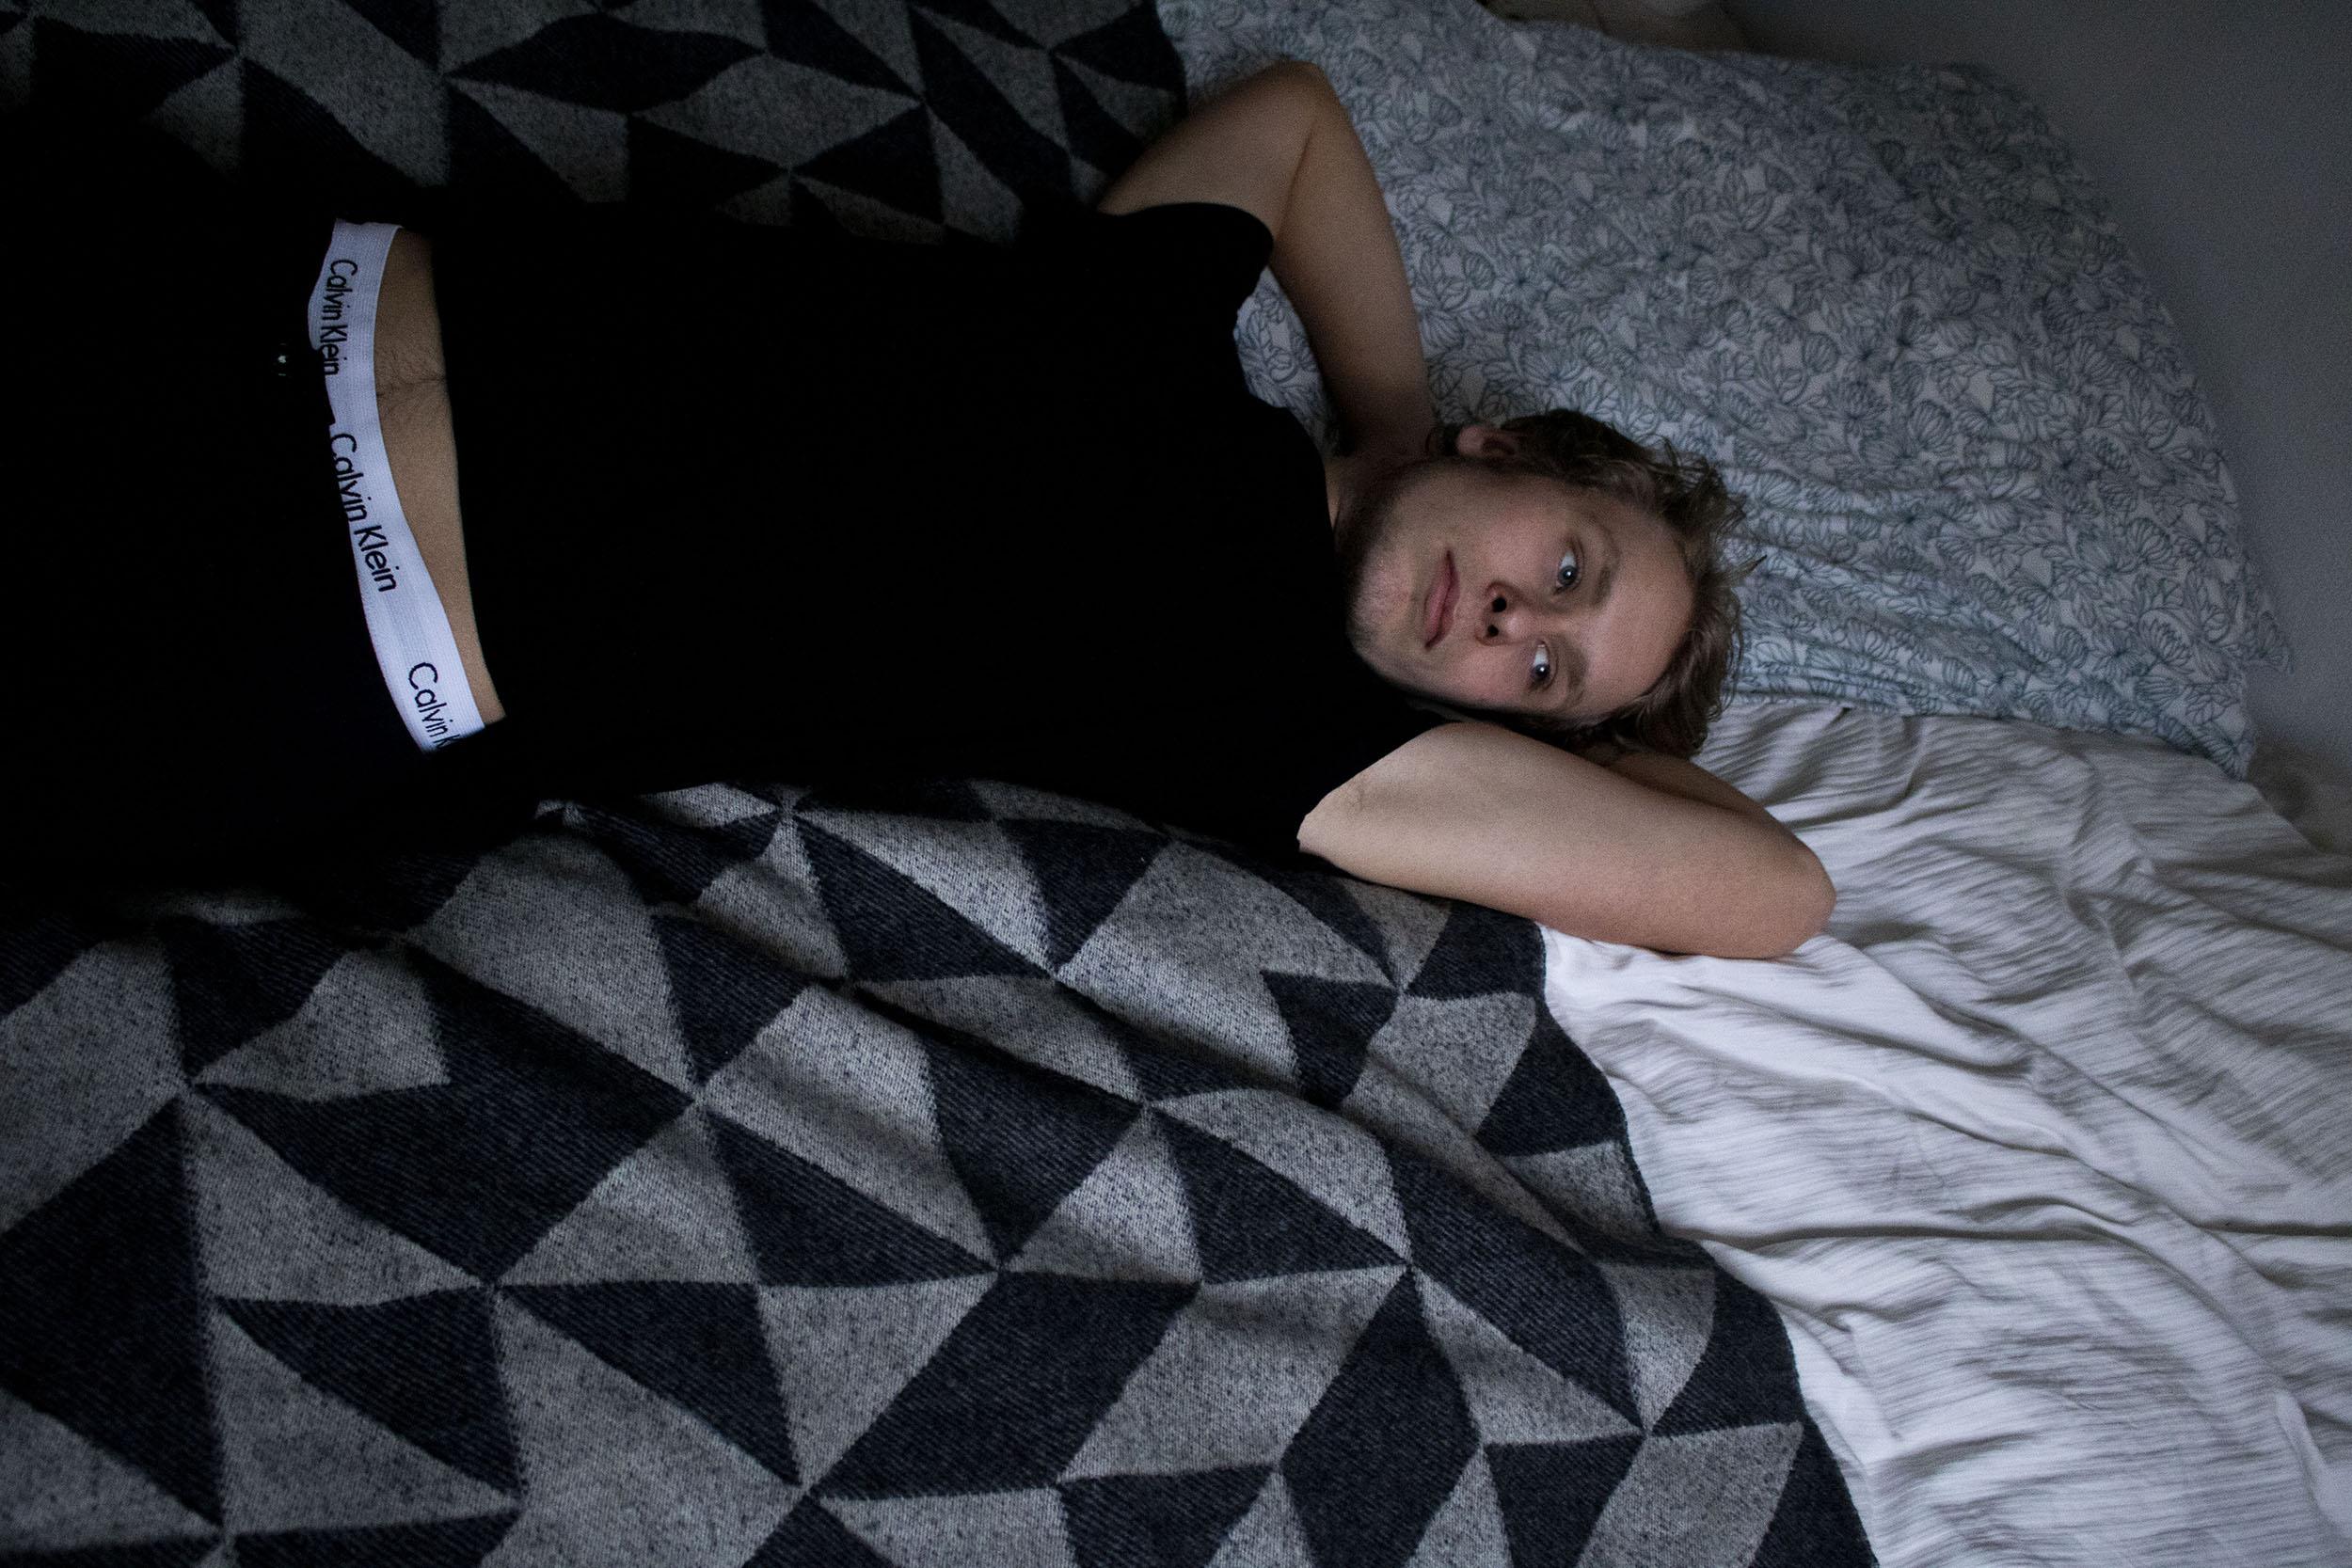 small_Liva Lykke Snebang Møller_fotoskolen fatamorgana_ras2.jpg